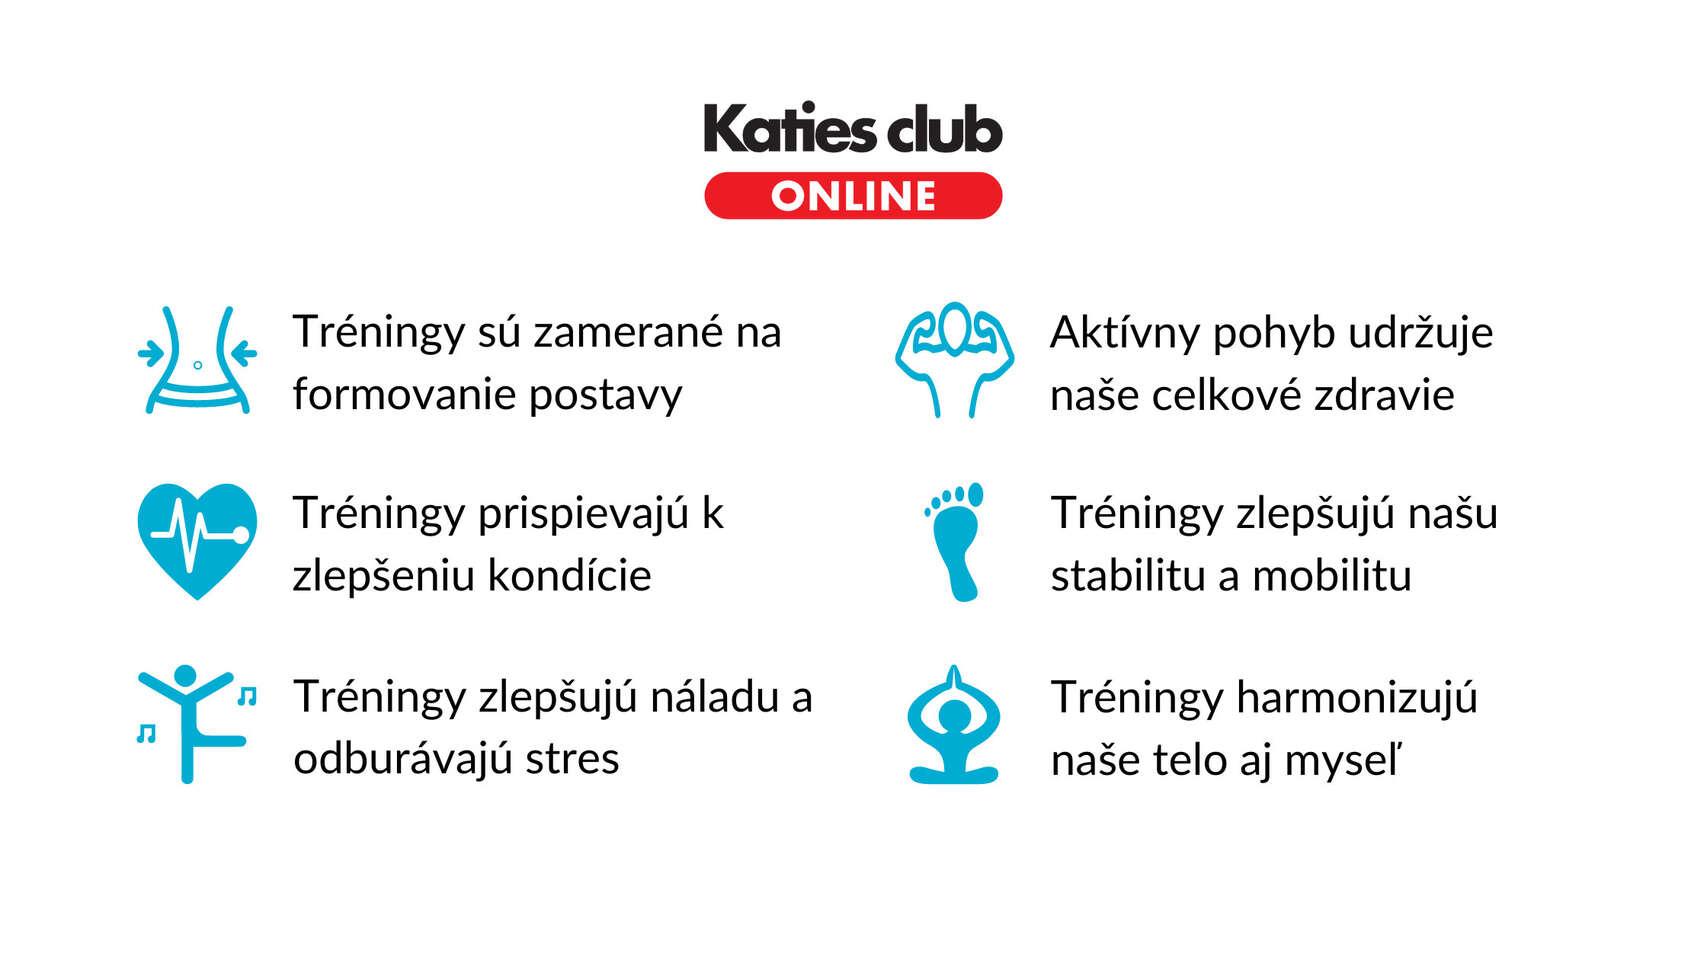 Redukčný online kurz s trénermi z Katies clubu